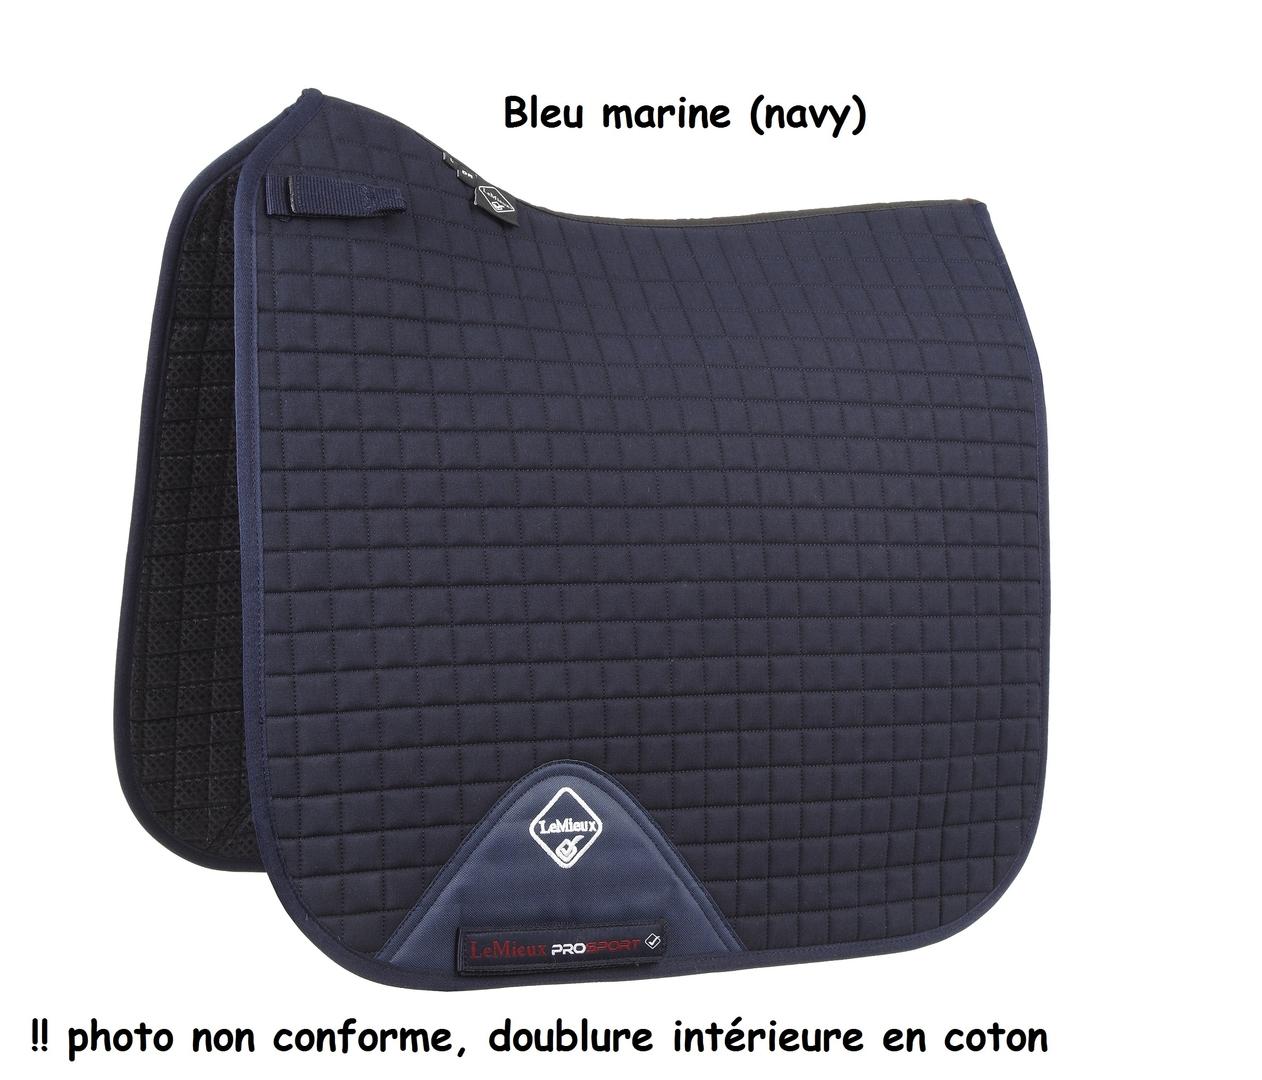 Tapis Lemieux Prosport Dressage Coton L Chevaltapis De Selle